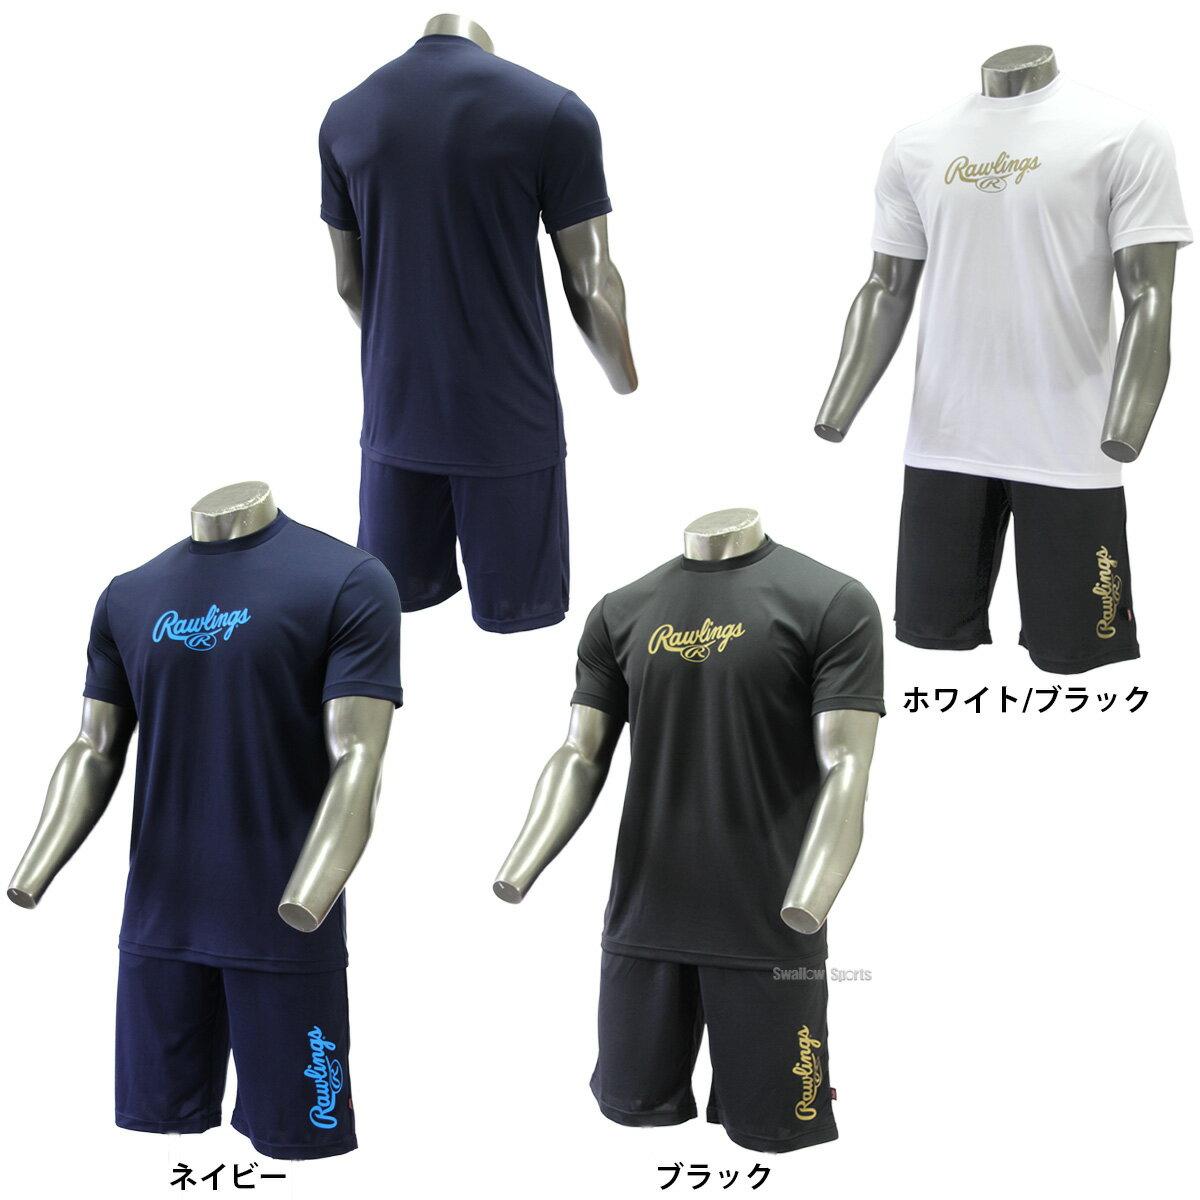 【あす楽対応】 ローリングス ウェア Tシャツ ハーフパンツ セット 上下組 ASS7F03 ウェア ウエア トレーニング 運動 スポカジ 夏 練習着 運動 トレーニング 野球用品 スワロースポーツ